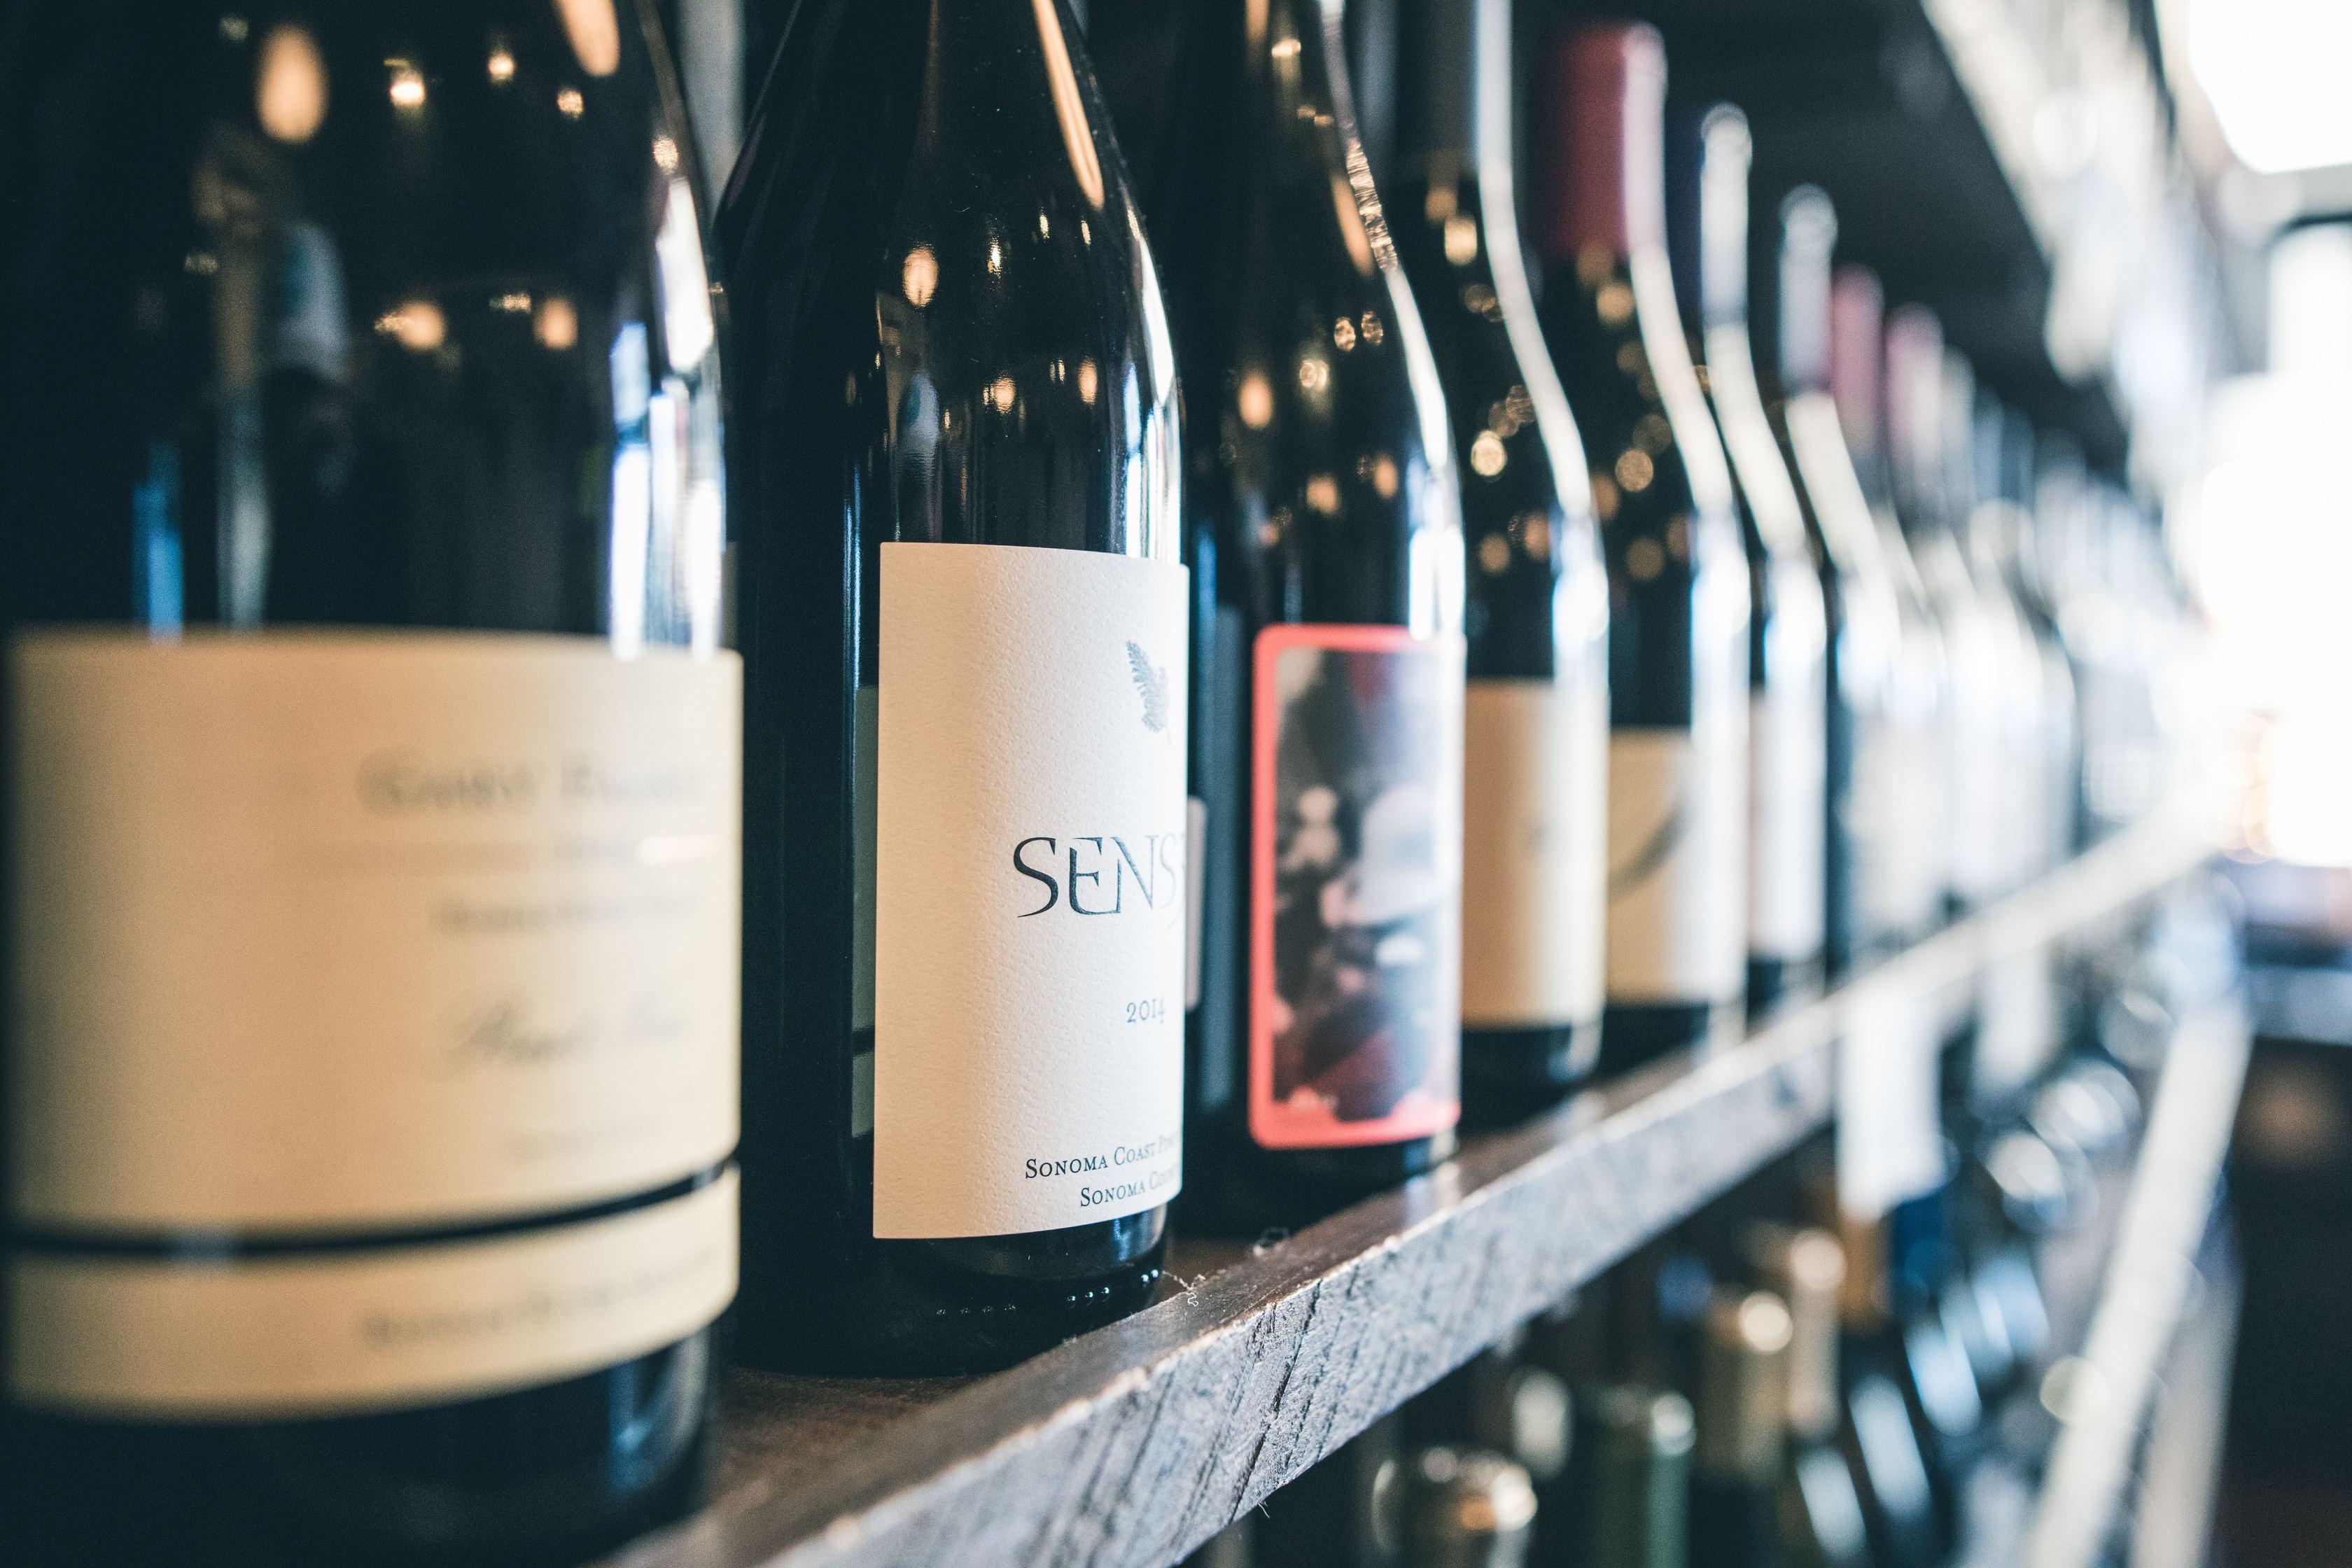 bottles of wine on a shelf